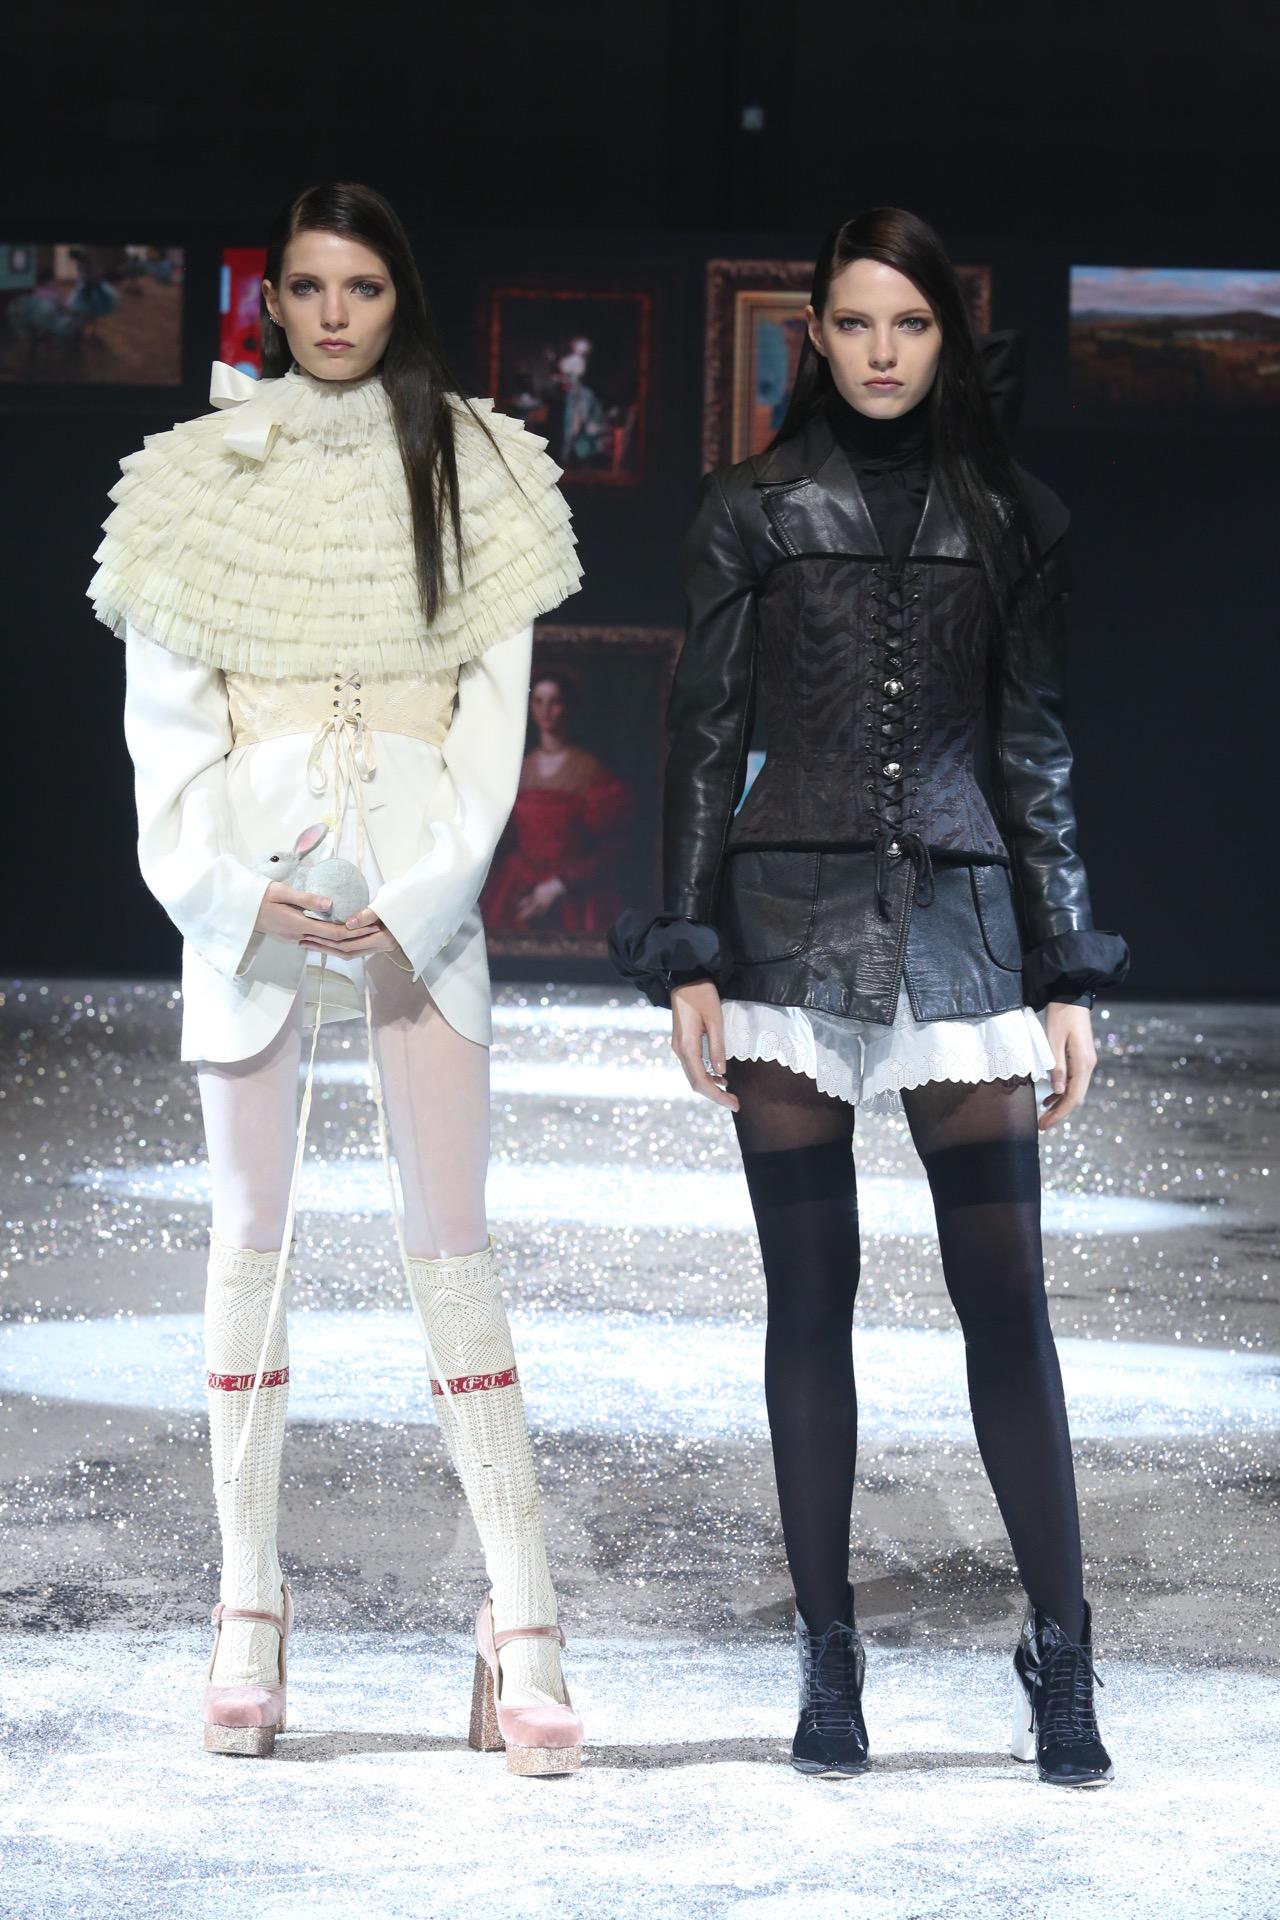 Terciopelo en todas sus versiones, guillerminas y botas acordonadas, en la colección de invierno.